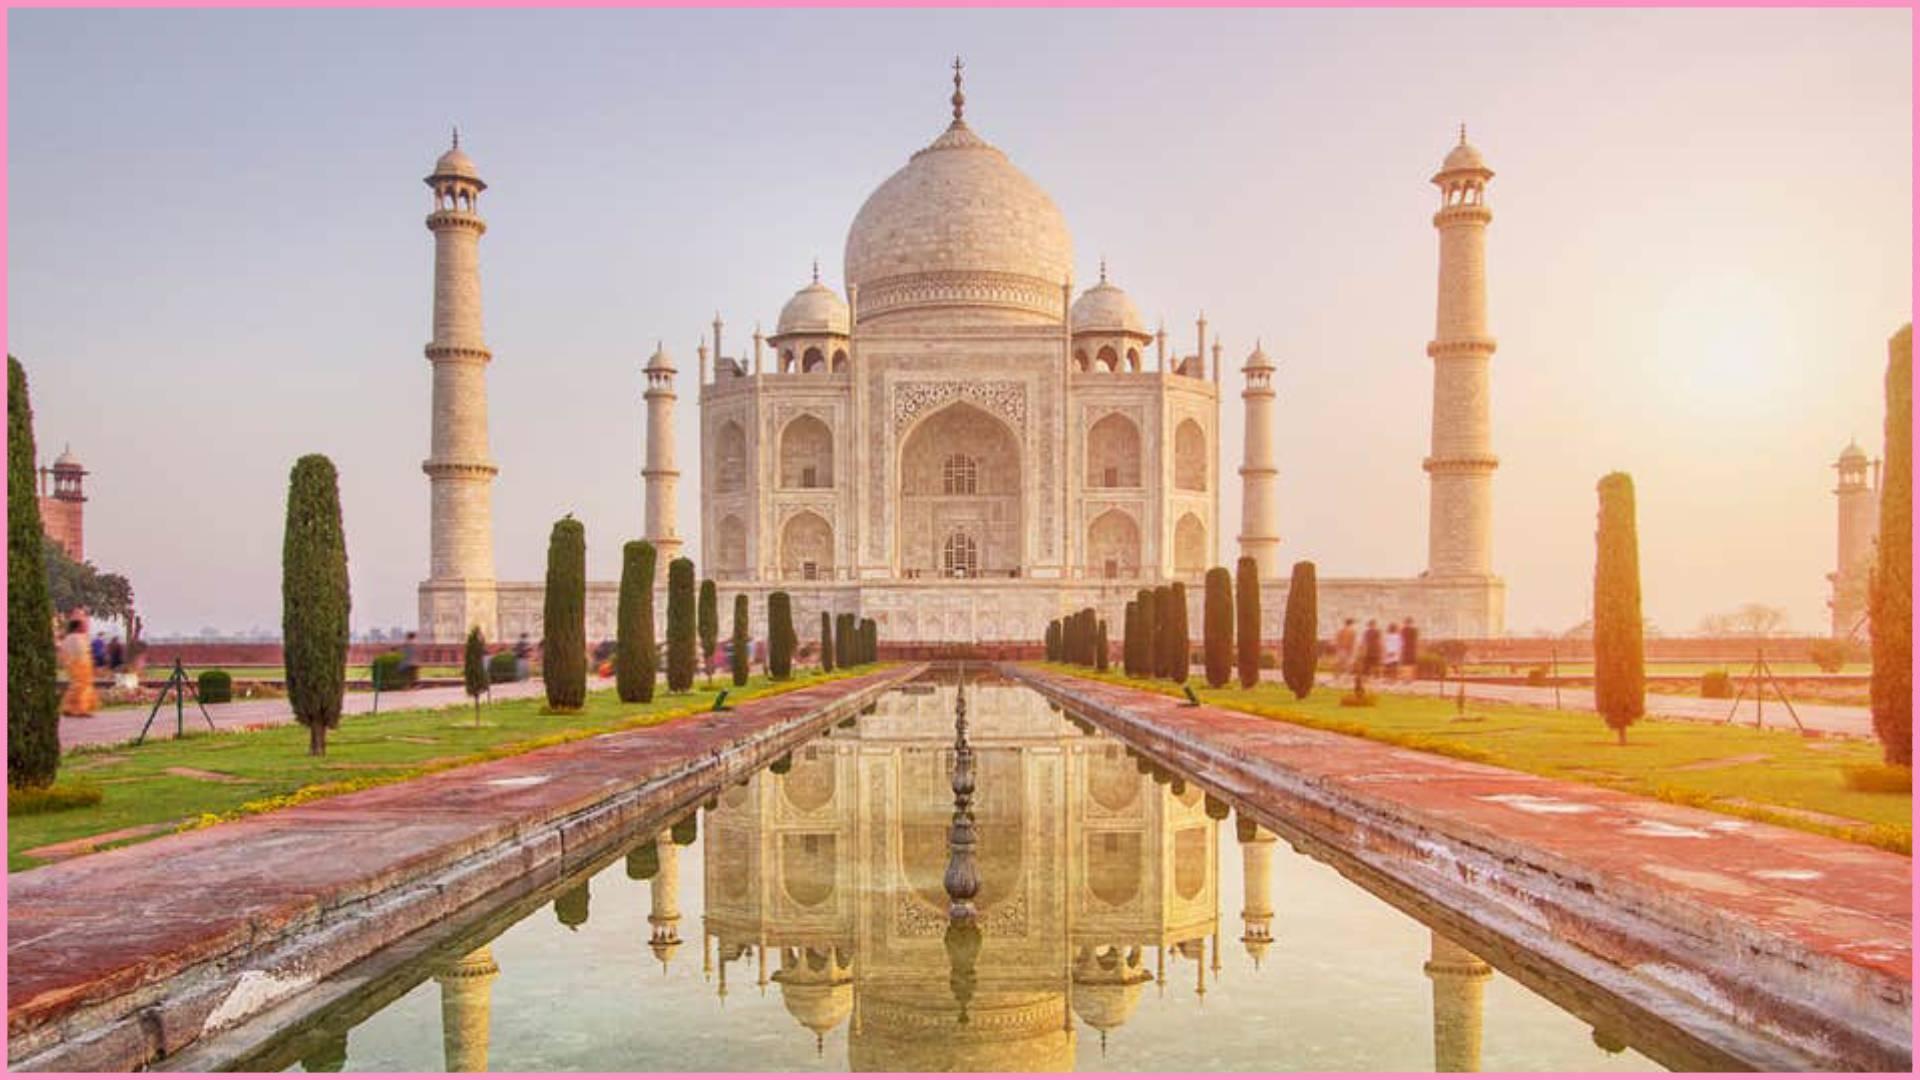 वाह ताज! ताजमहल के दीदार के लिए नहीं करनी पड़ेगी जेब ढीली, इस दिन 3 घंटे के लिए फ्री होगी एंट्री